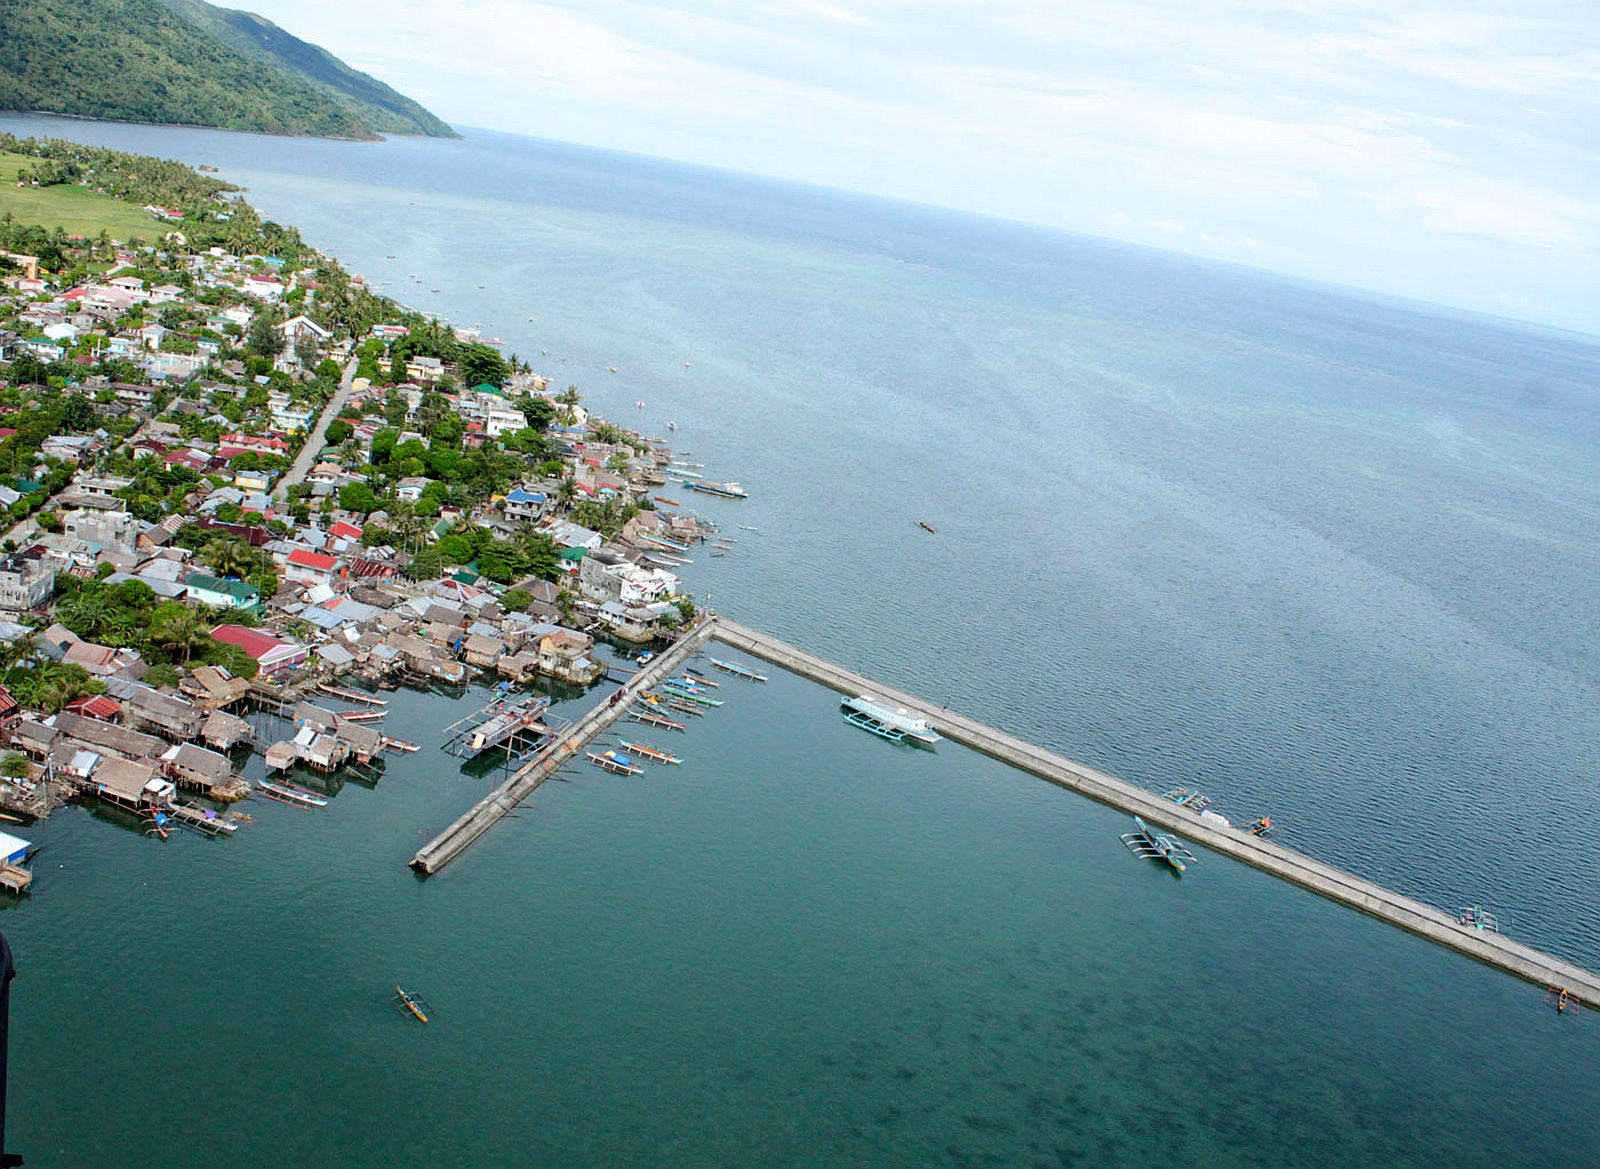 PHILIPPINEN REISEN - ORTE- SOUTHERN LUZON - ALABAY - Touristische Ortsbeschreibung für Rapu-Rapu